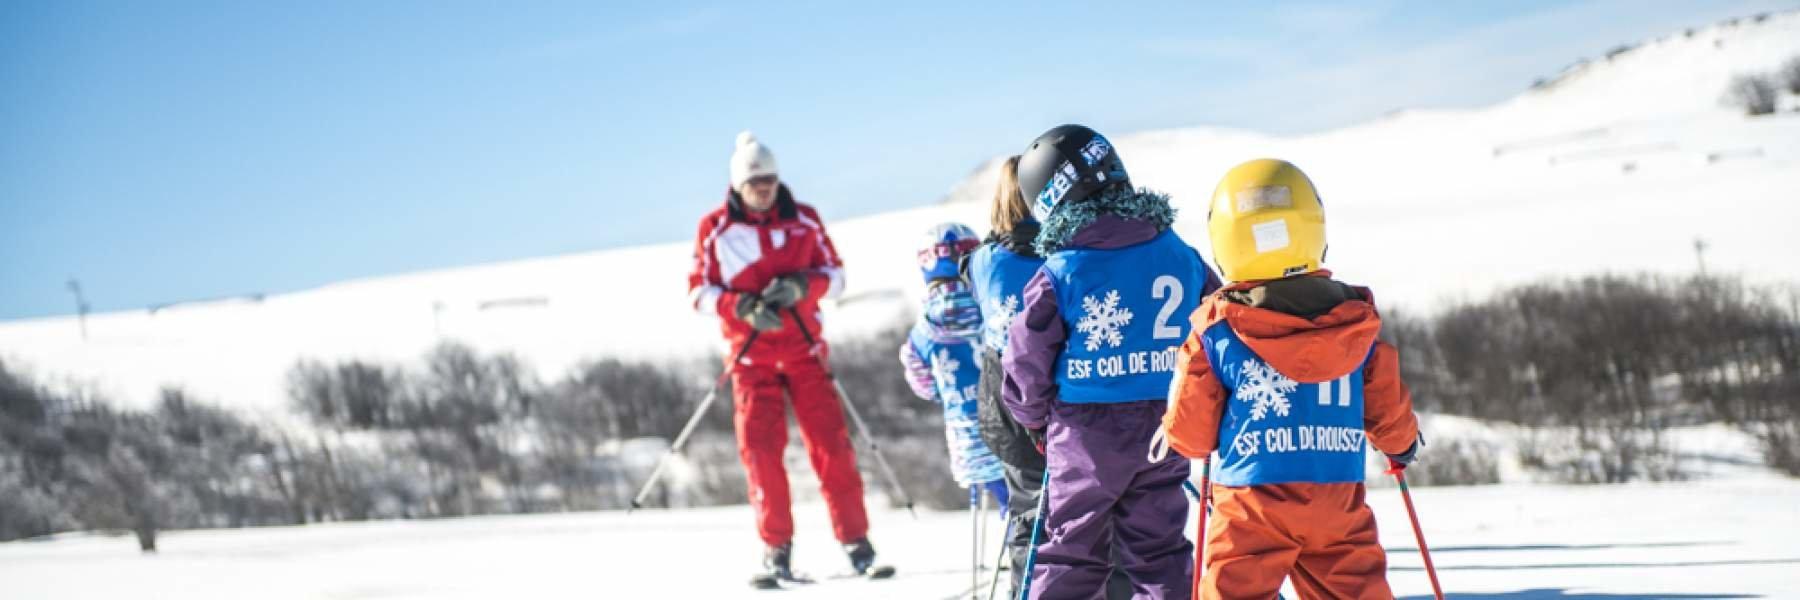 Apprentissage du ski sur les pentes enneigées du Col de Rousset - © Conseil Départemental de la Drome